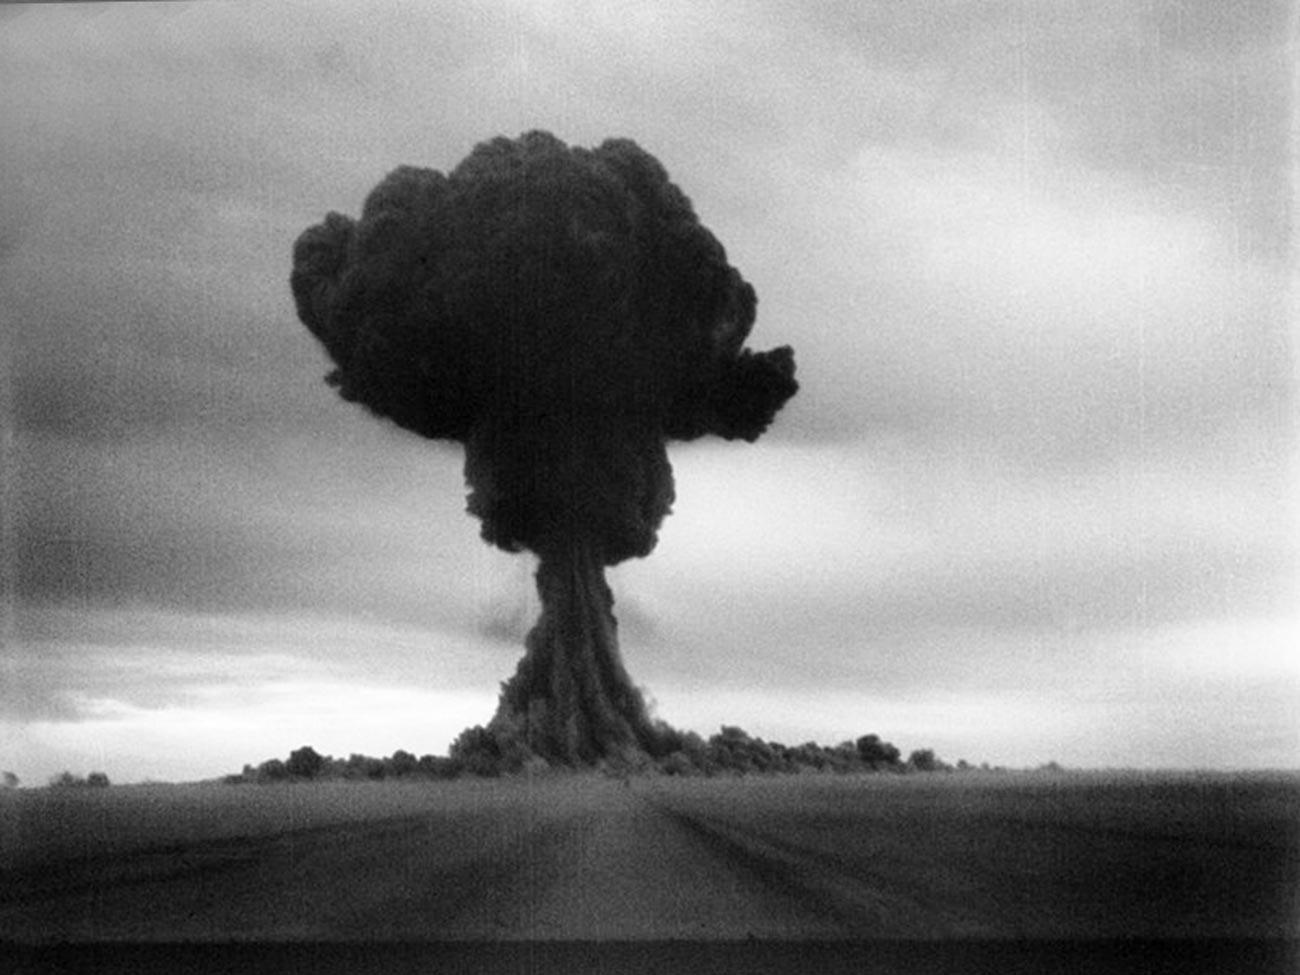 La primera prueba de la bomba atómica soviética